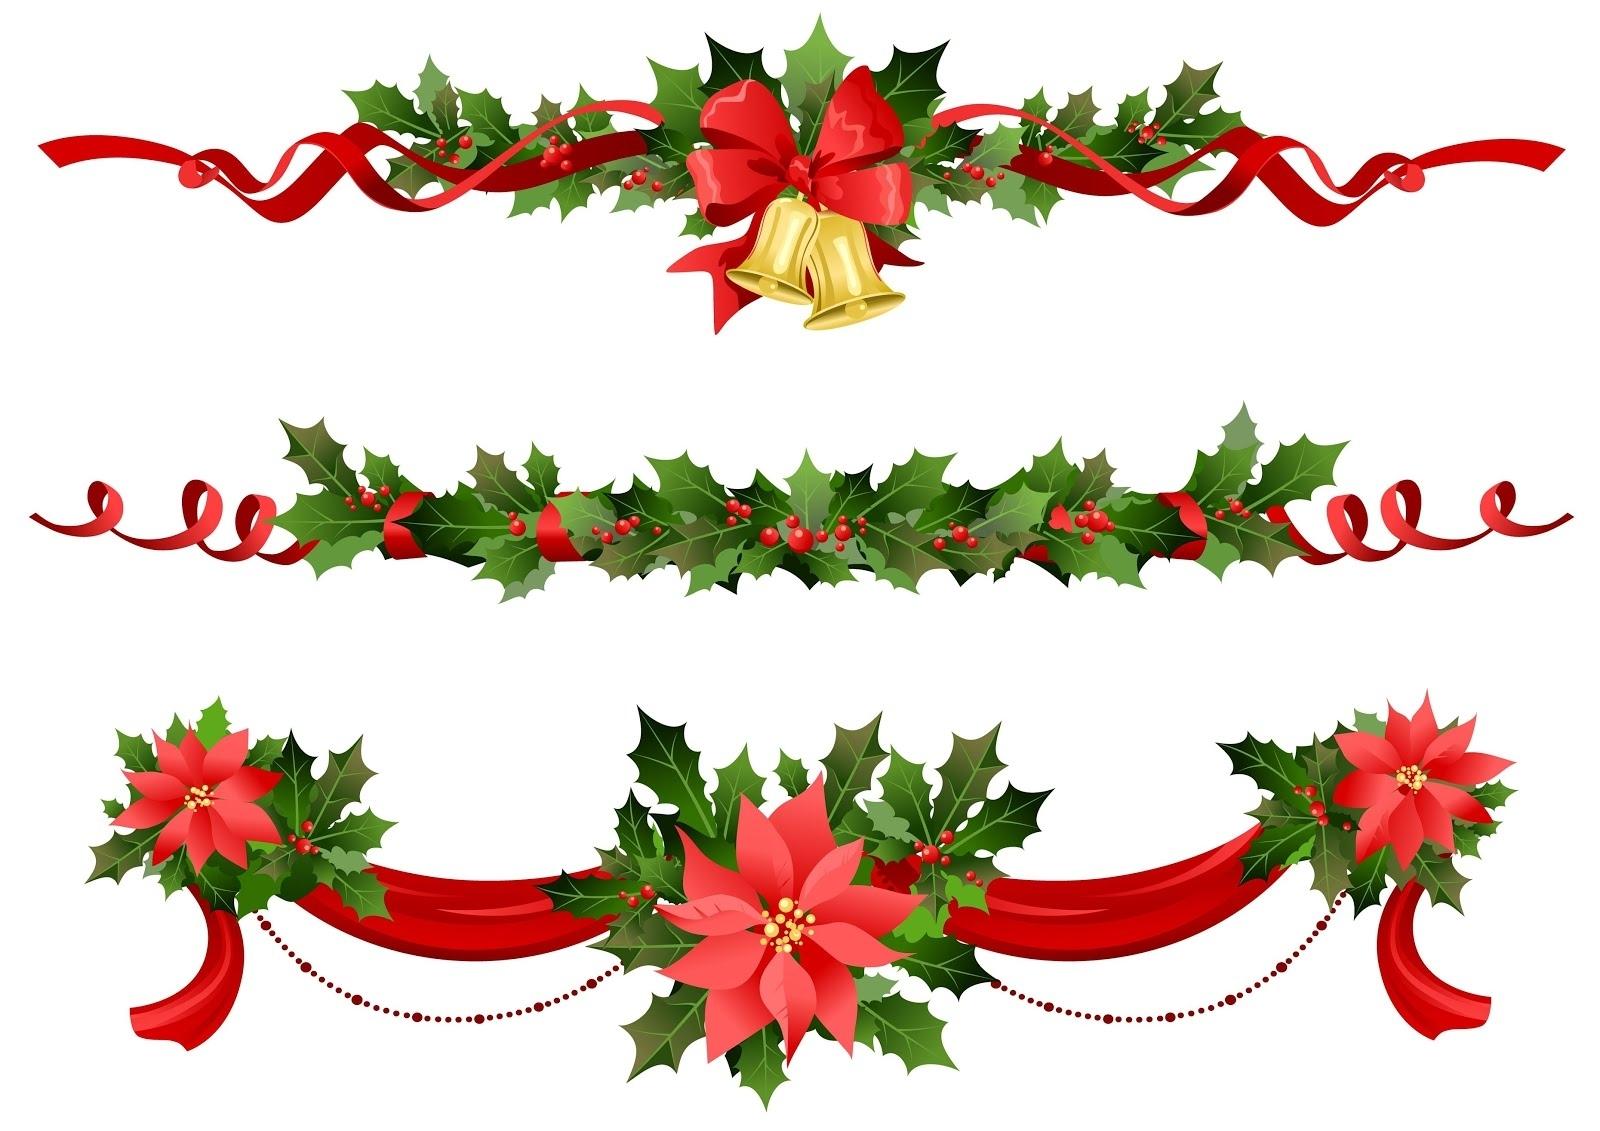 Guirnaldas y noche buena - Adornos de navidad en ingles ...